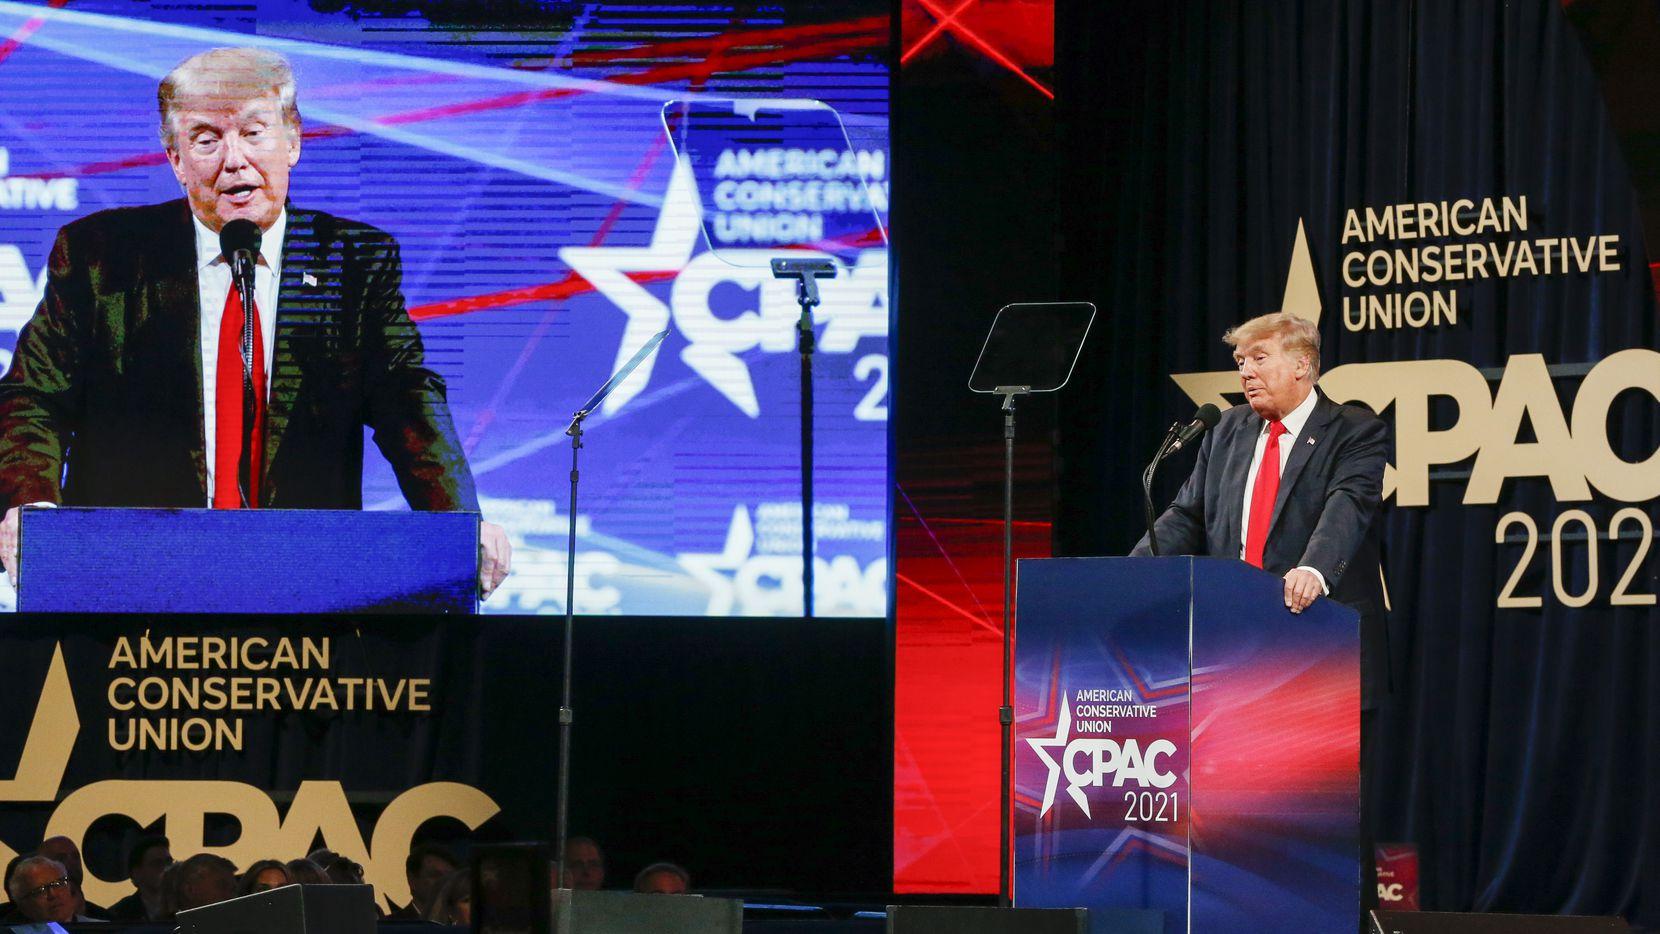 El expresidente Donald Trump encabezó la Conservative Political Action Conference el domingo 11 de julio de 2021, en Dallas.